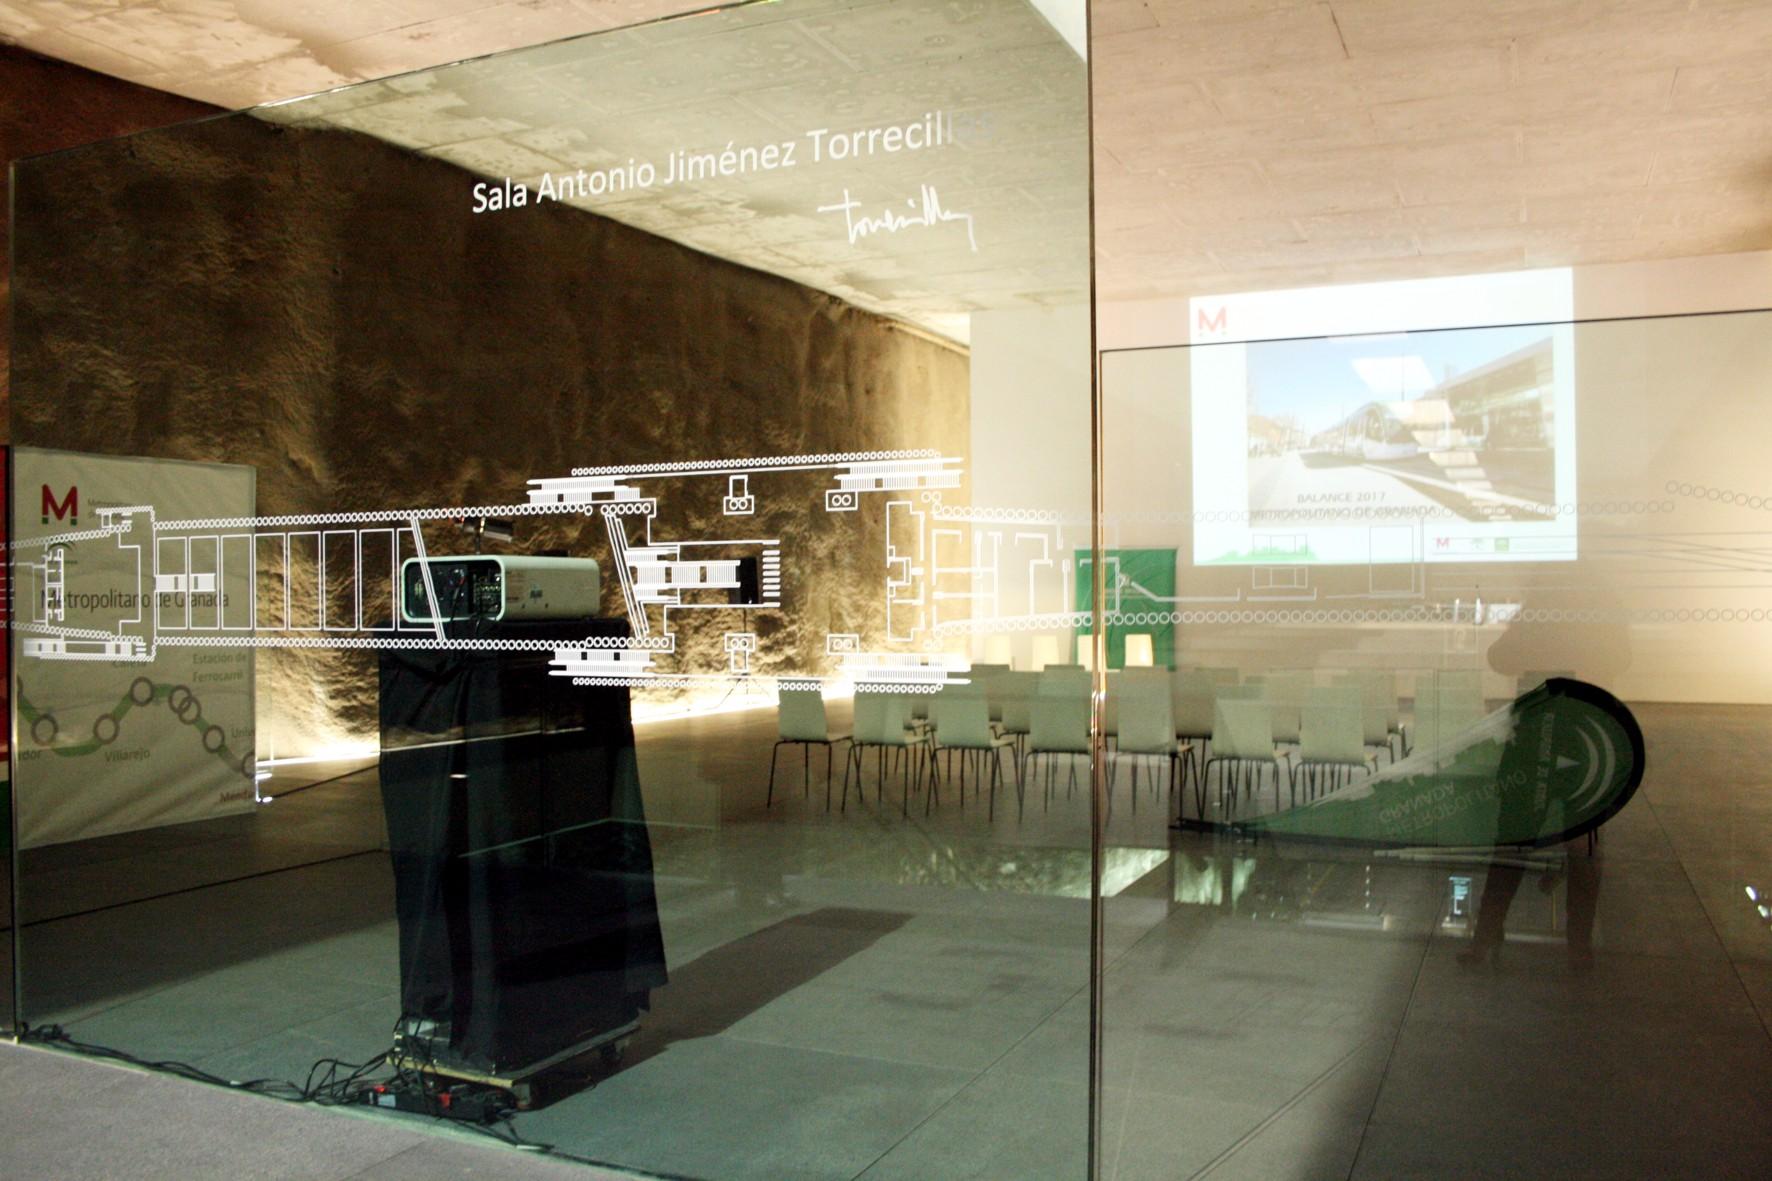 La Junta licita la adecuación de una sala de usos múltiples en el vestíbulo norte de Alcázar Genil